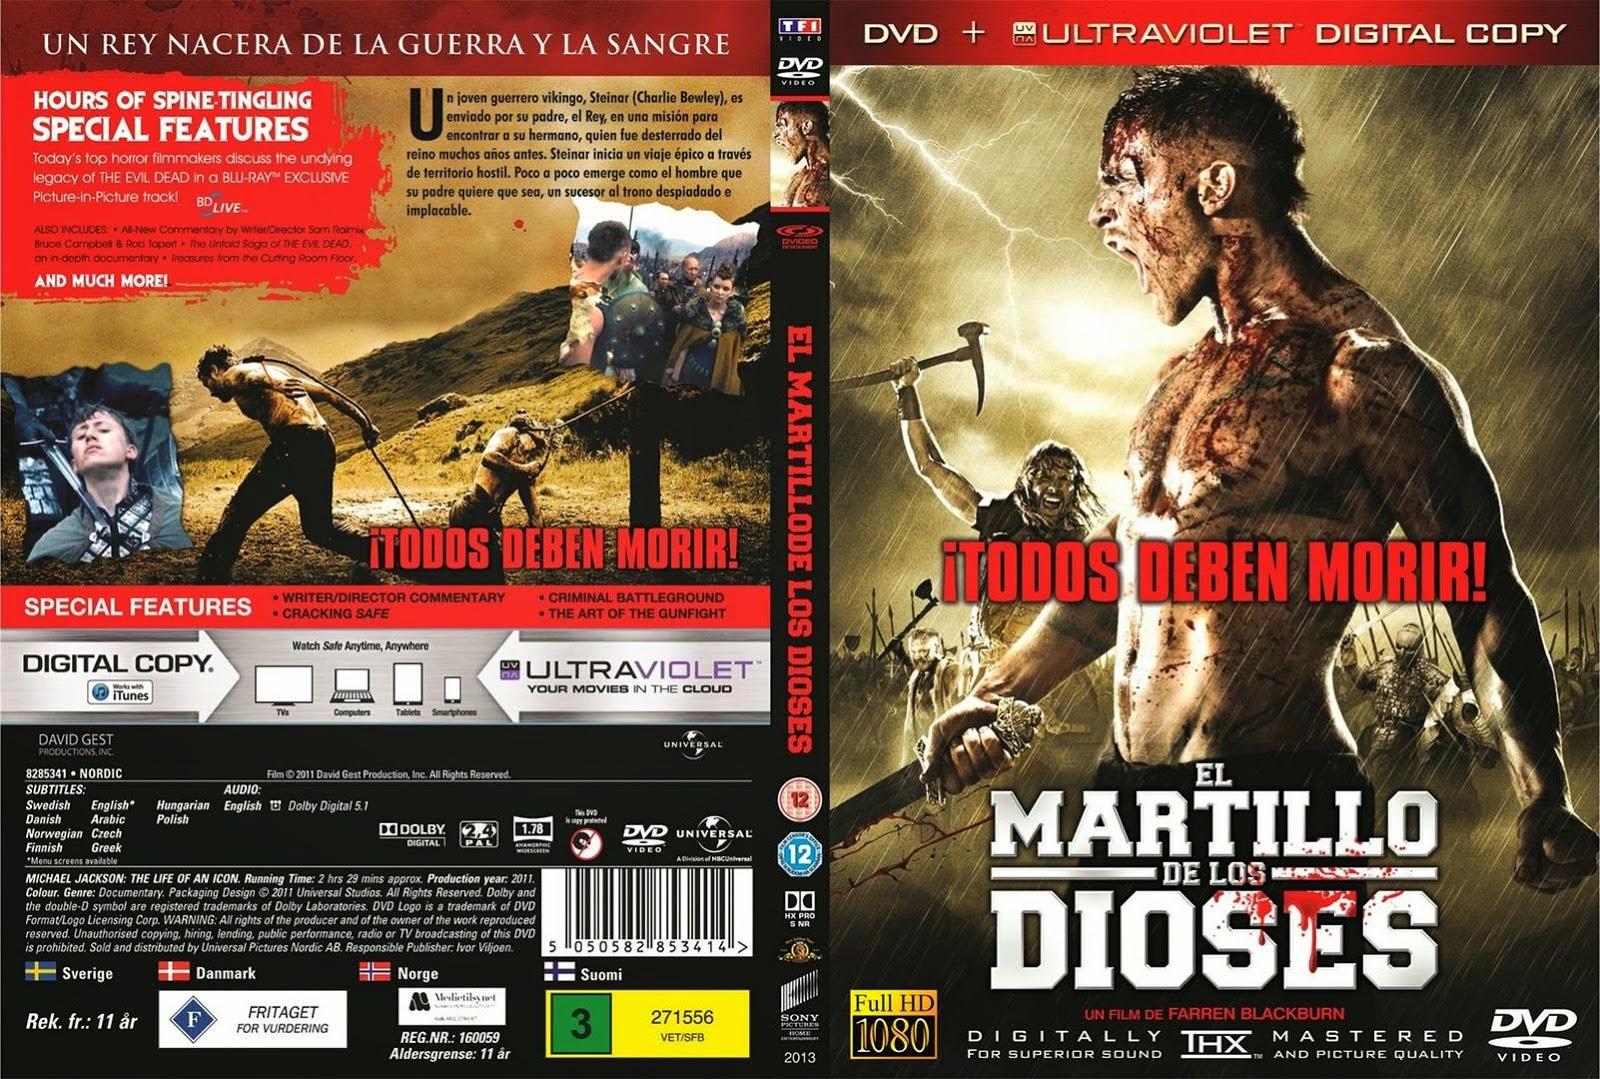 El Martillo De Los Dioses DVD